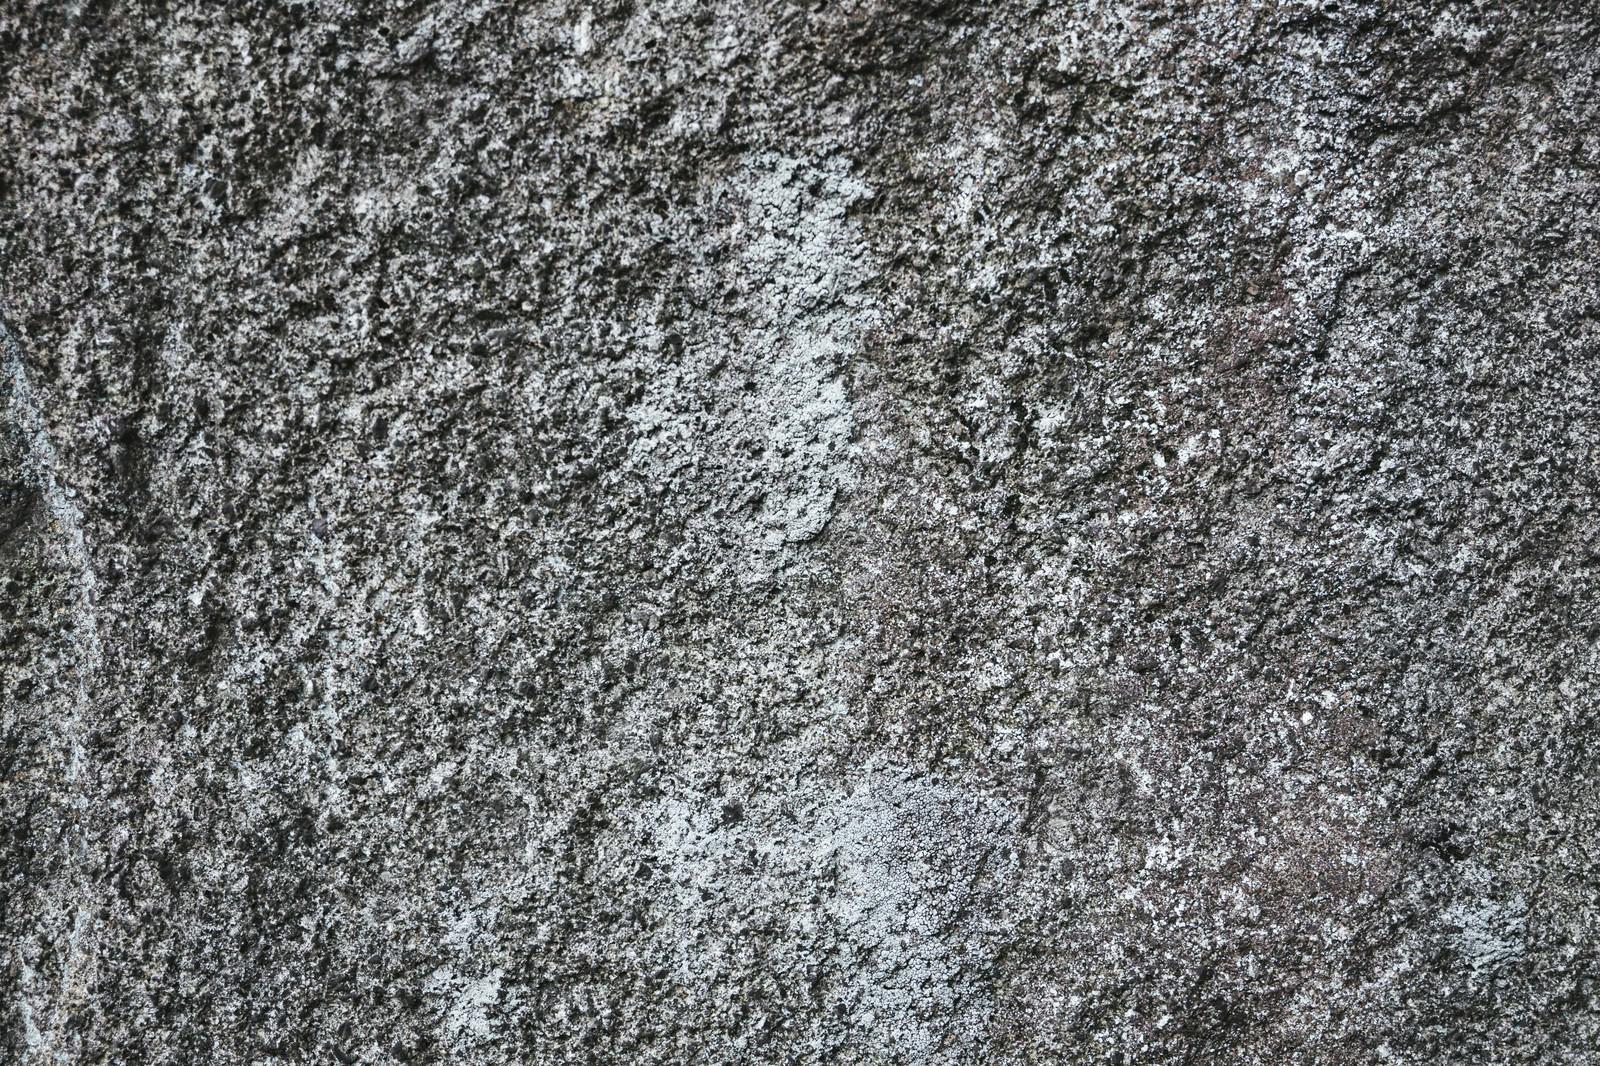 「表面が削れたコンクリート壁(テクスチャ)」の写真